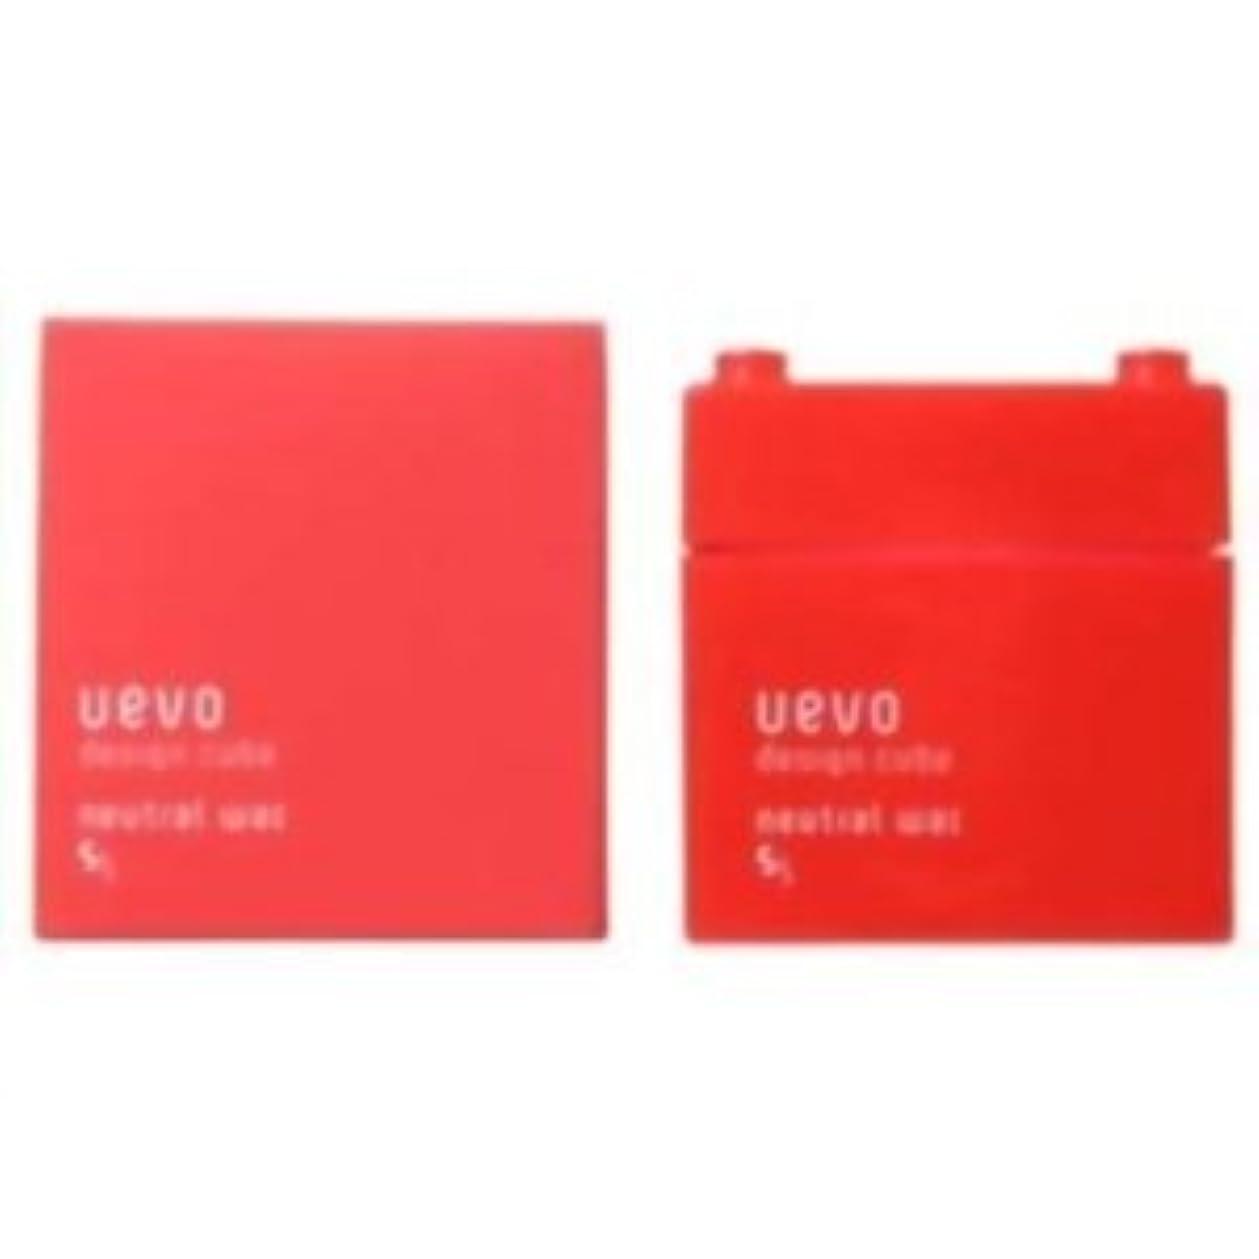 治す薬を飲む動作【X2個セット】 デミ ウェーボ デザインキューブ ニュートラルワックス 80g neutral wax DEMI uevo design cube